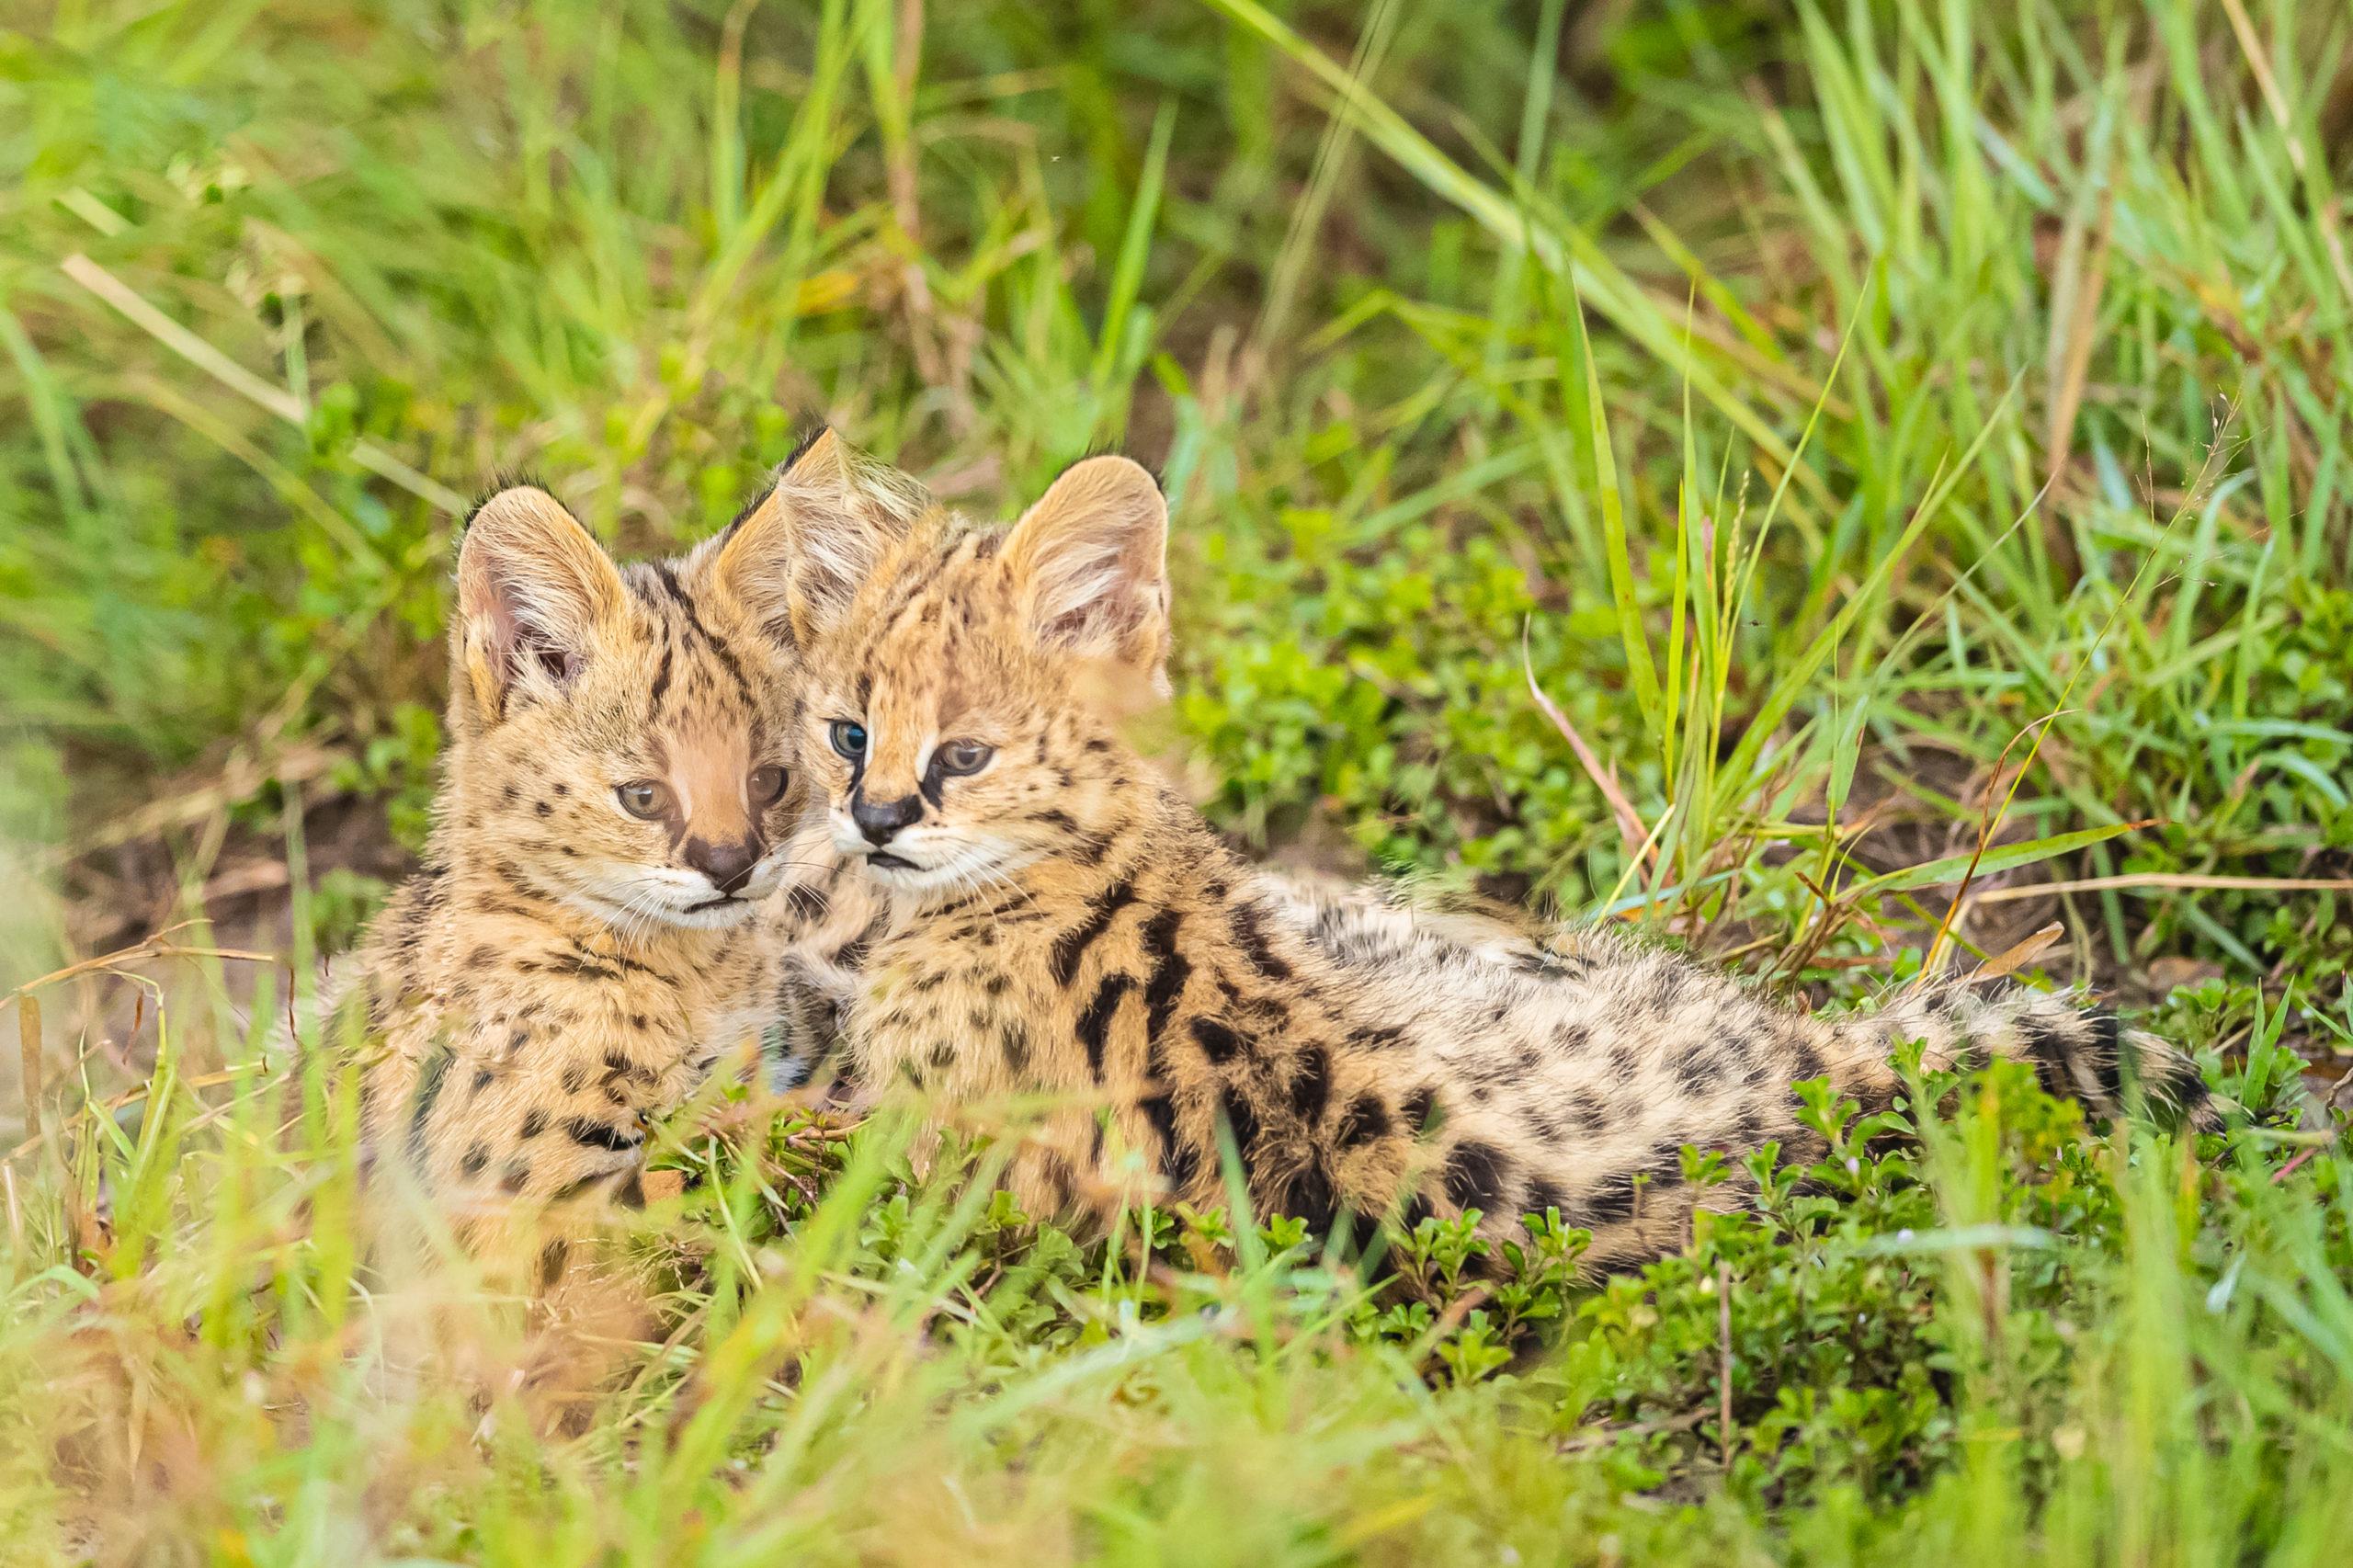 MONTANARI Jacques - Une famille Serval dans les hautes herbes